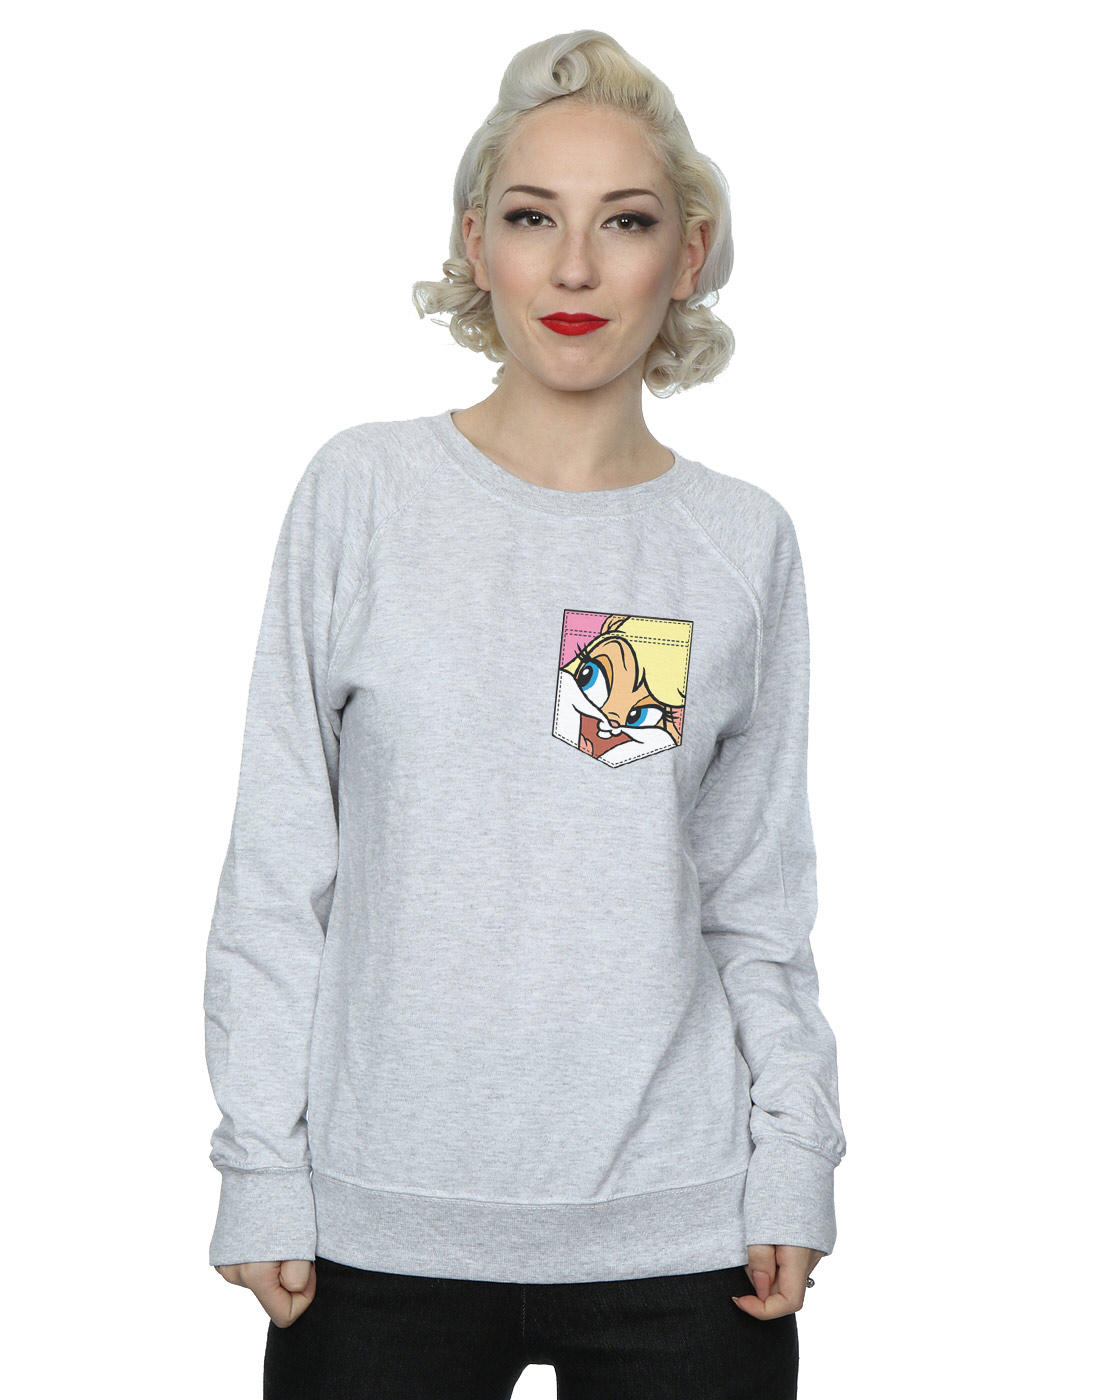 Looney-Tunes-mujer-Lola-Bunny-Face-Faux-Pocket-Camisa-De-Entrenamiento